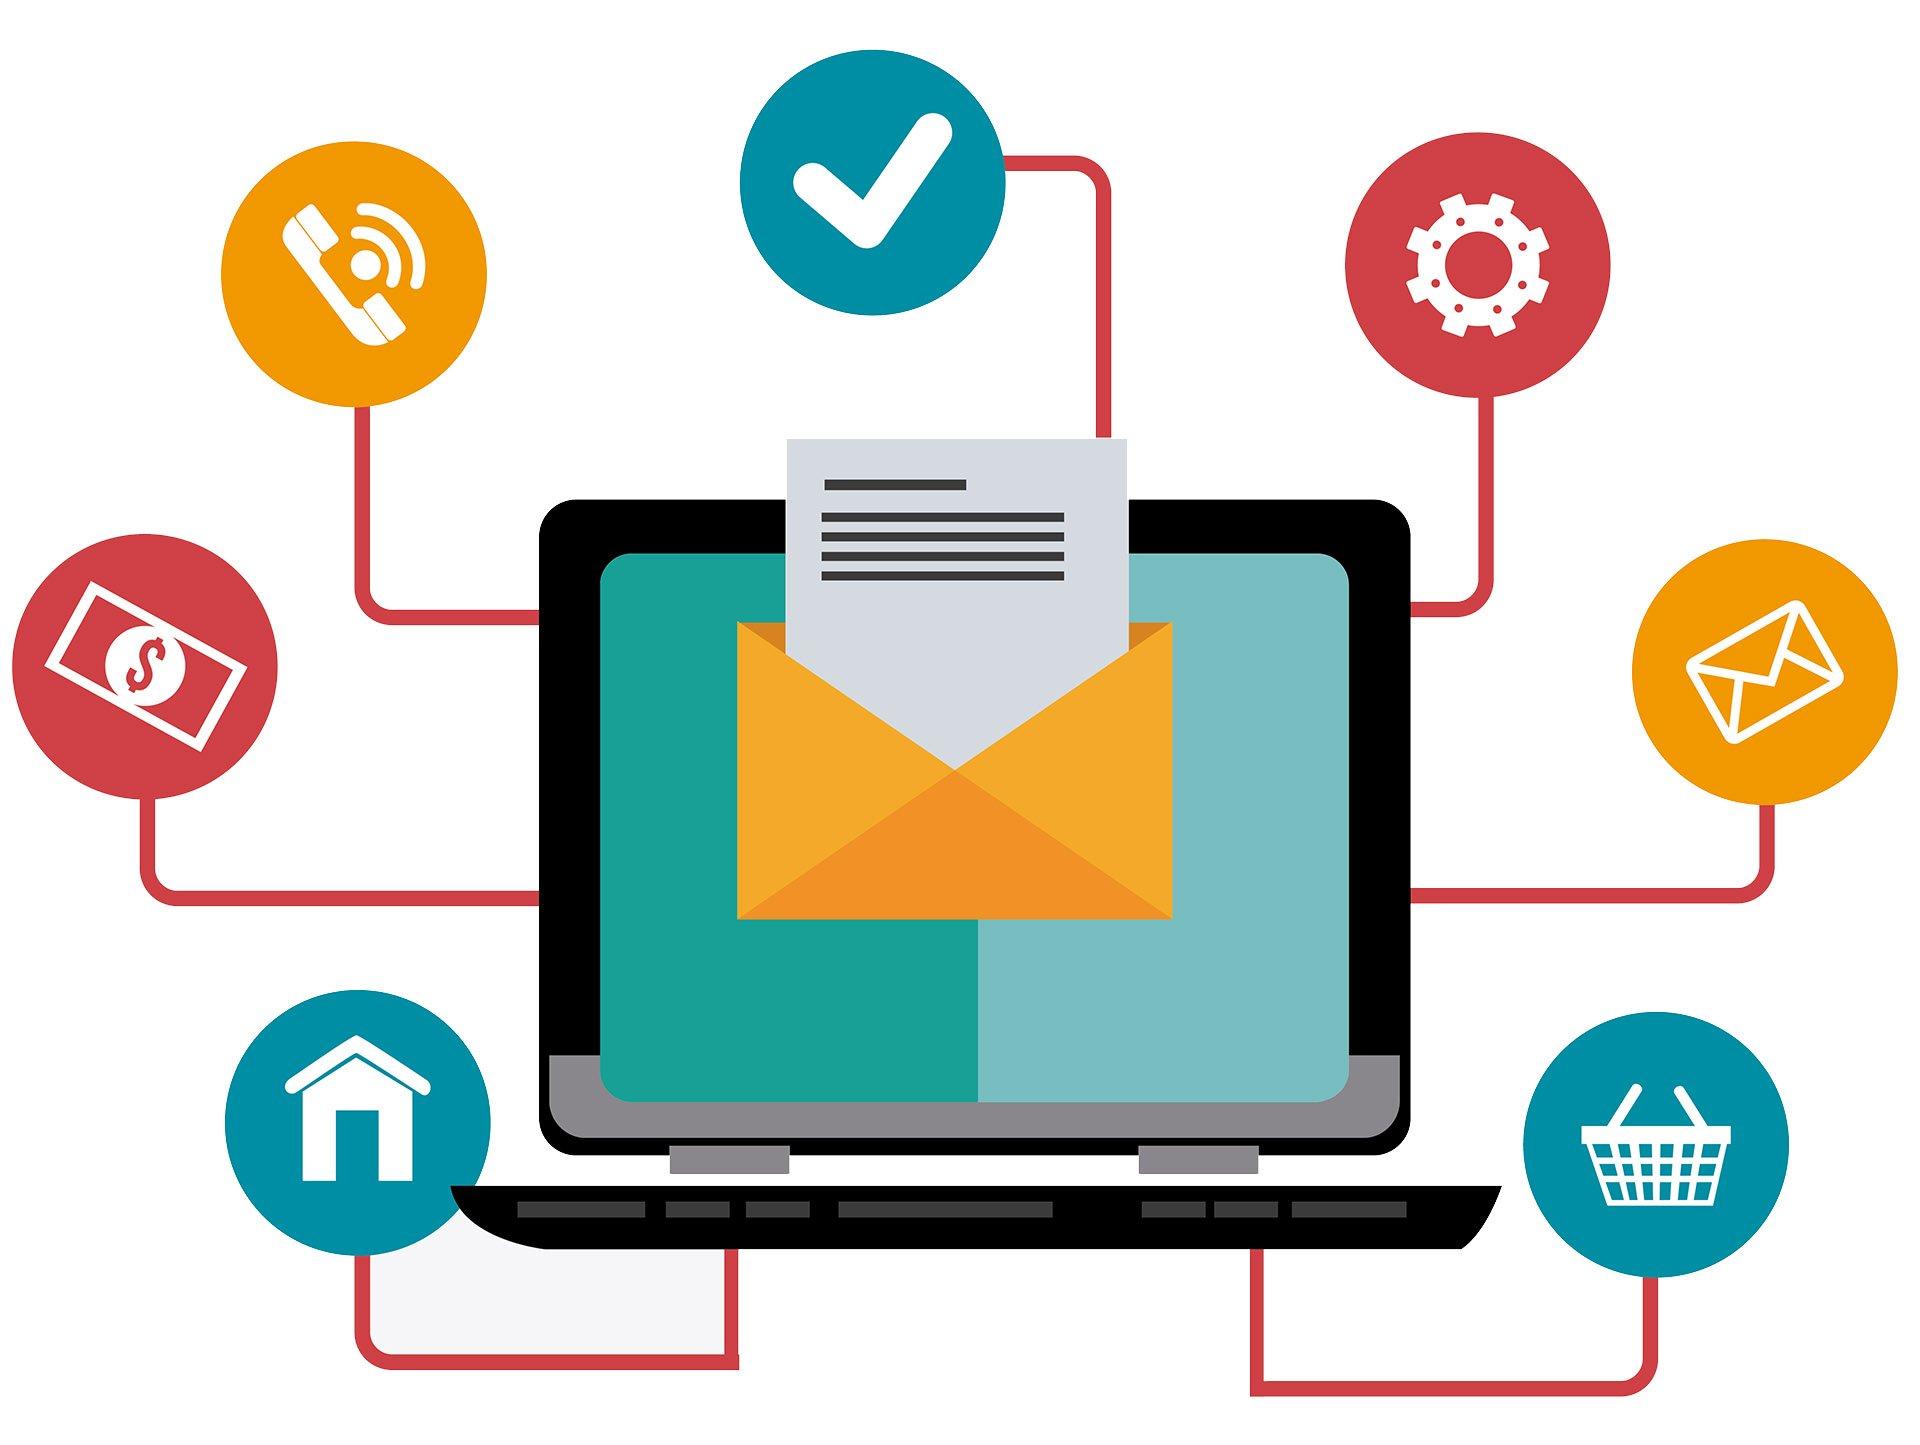 Програмное решение SMS-Информер для интернет-магазина интернет-магазина